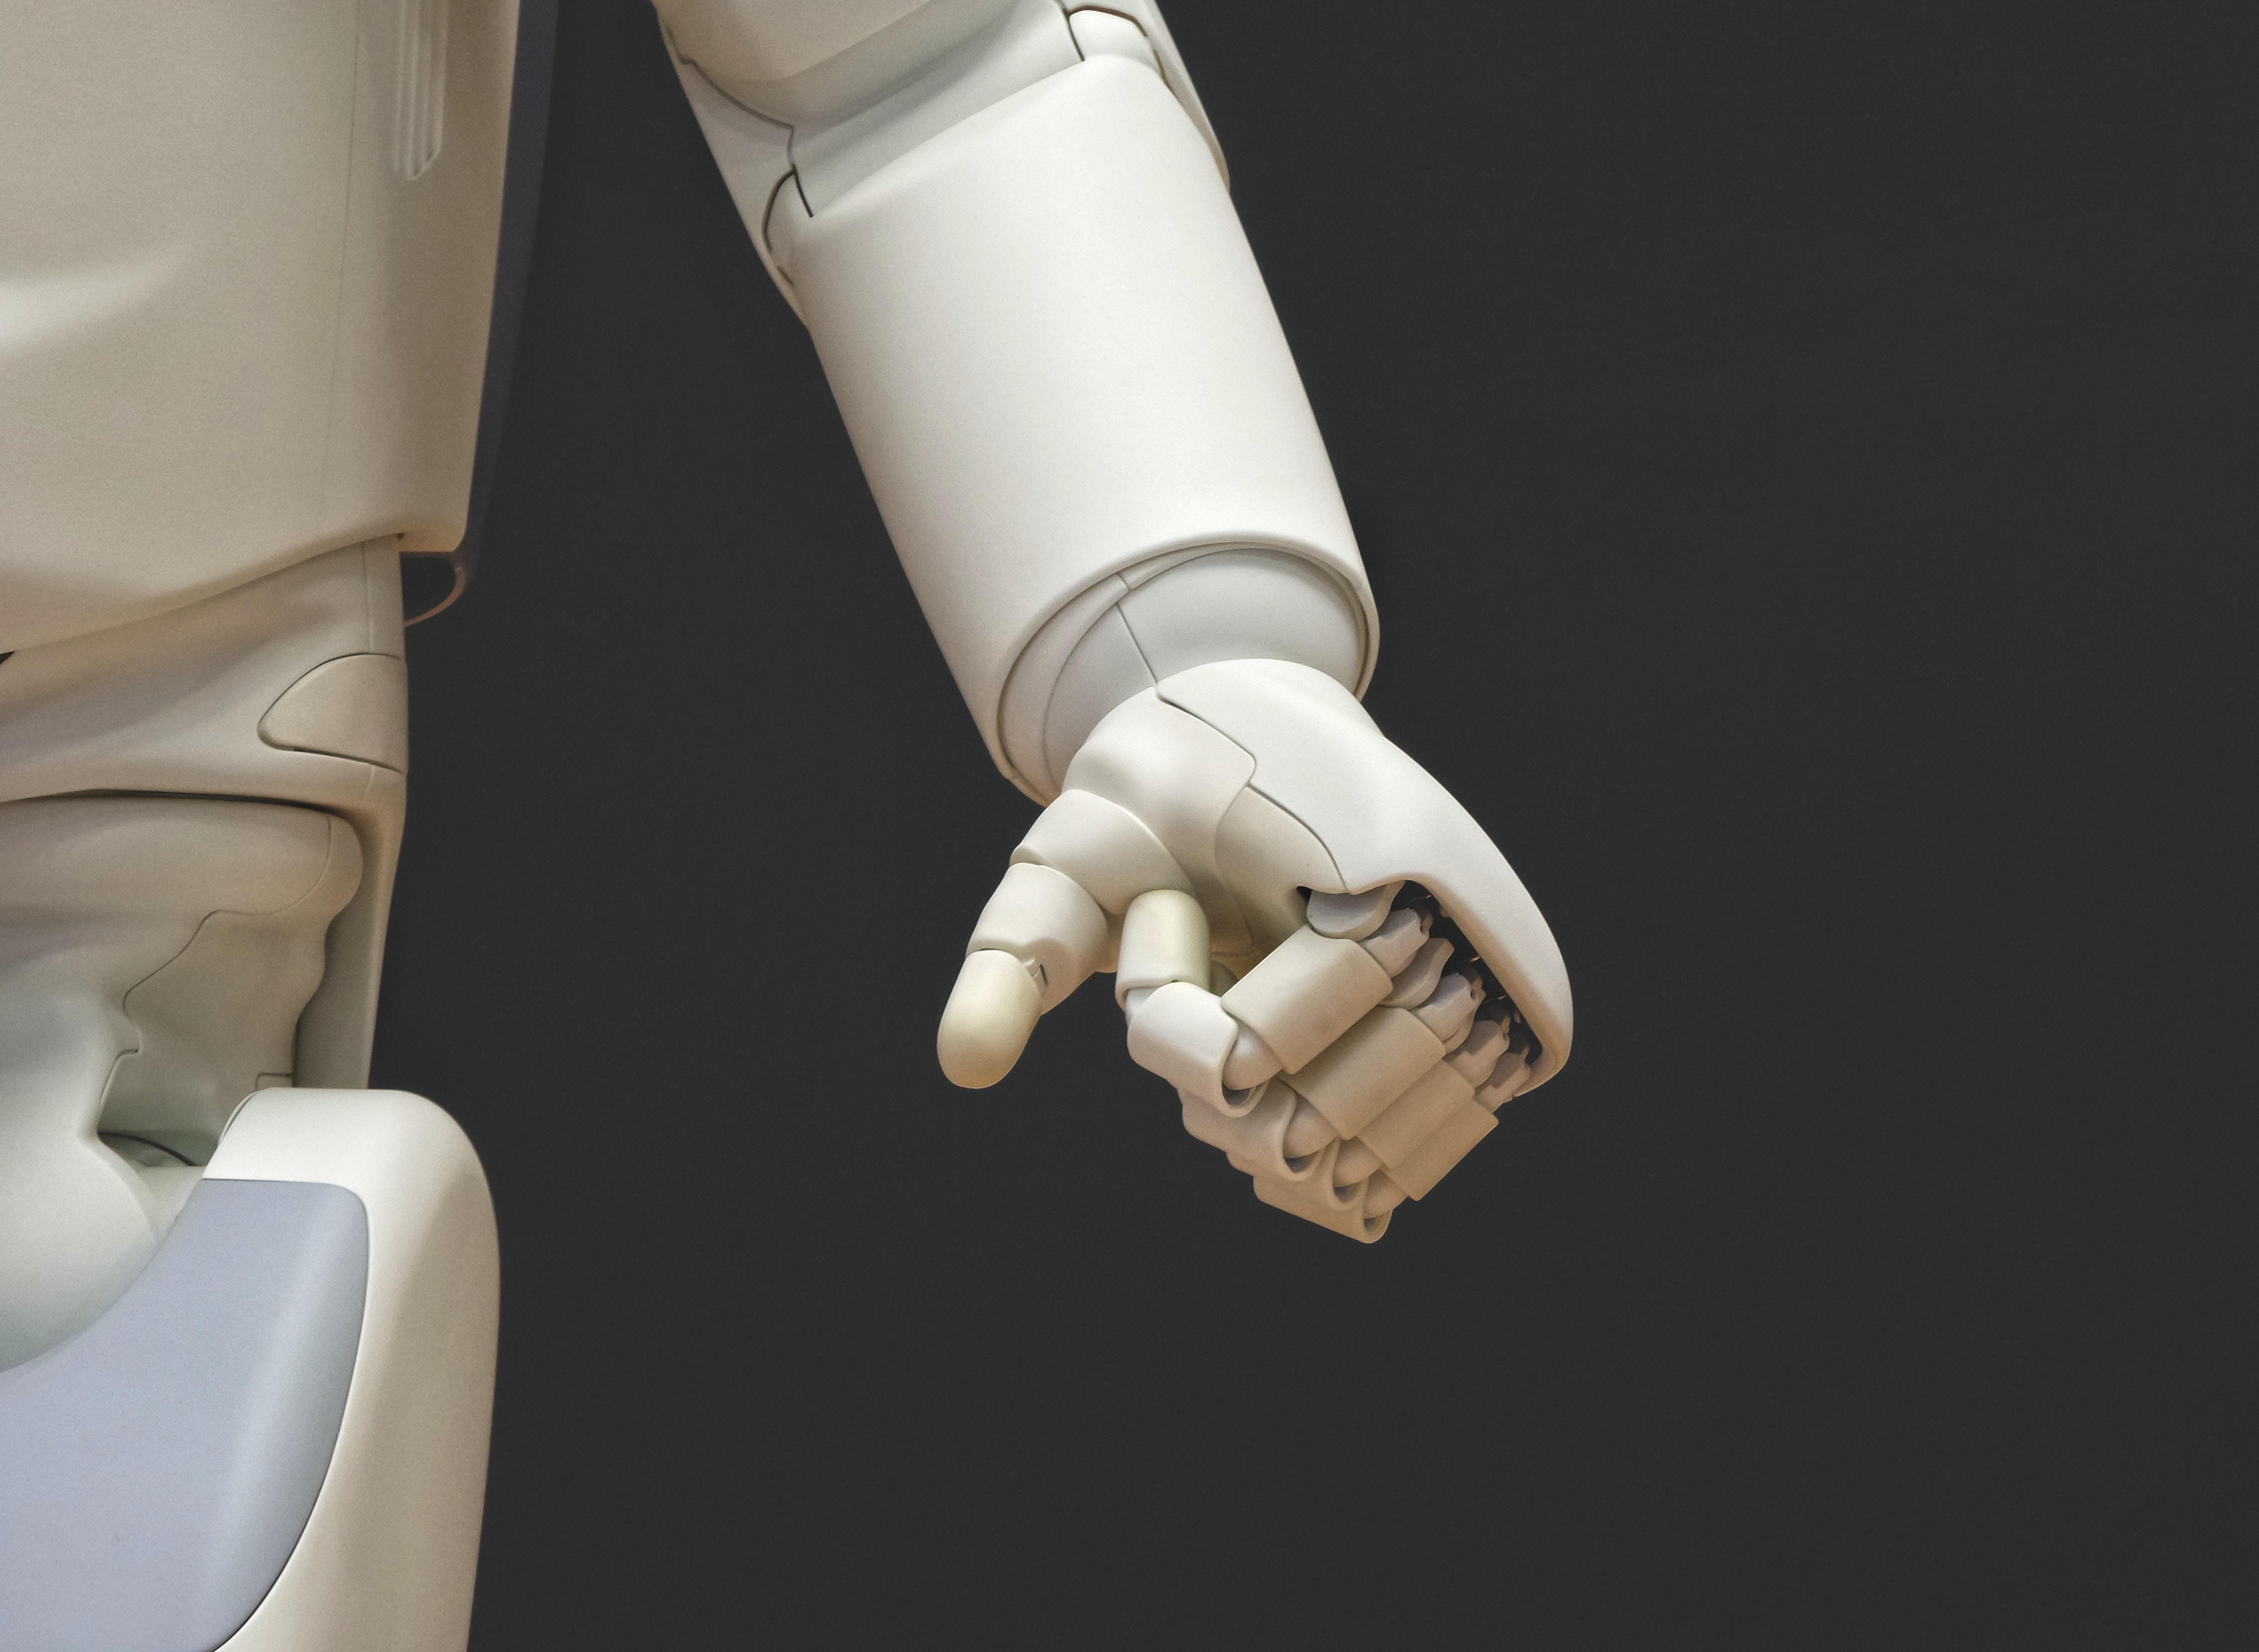 Inteligência artificial: ela está mais presente do que você imagina